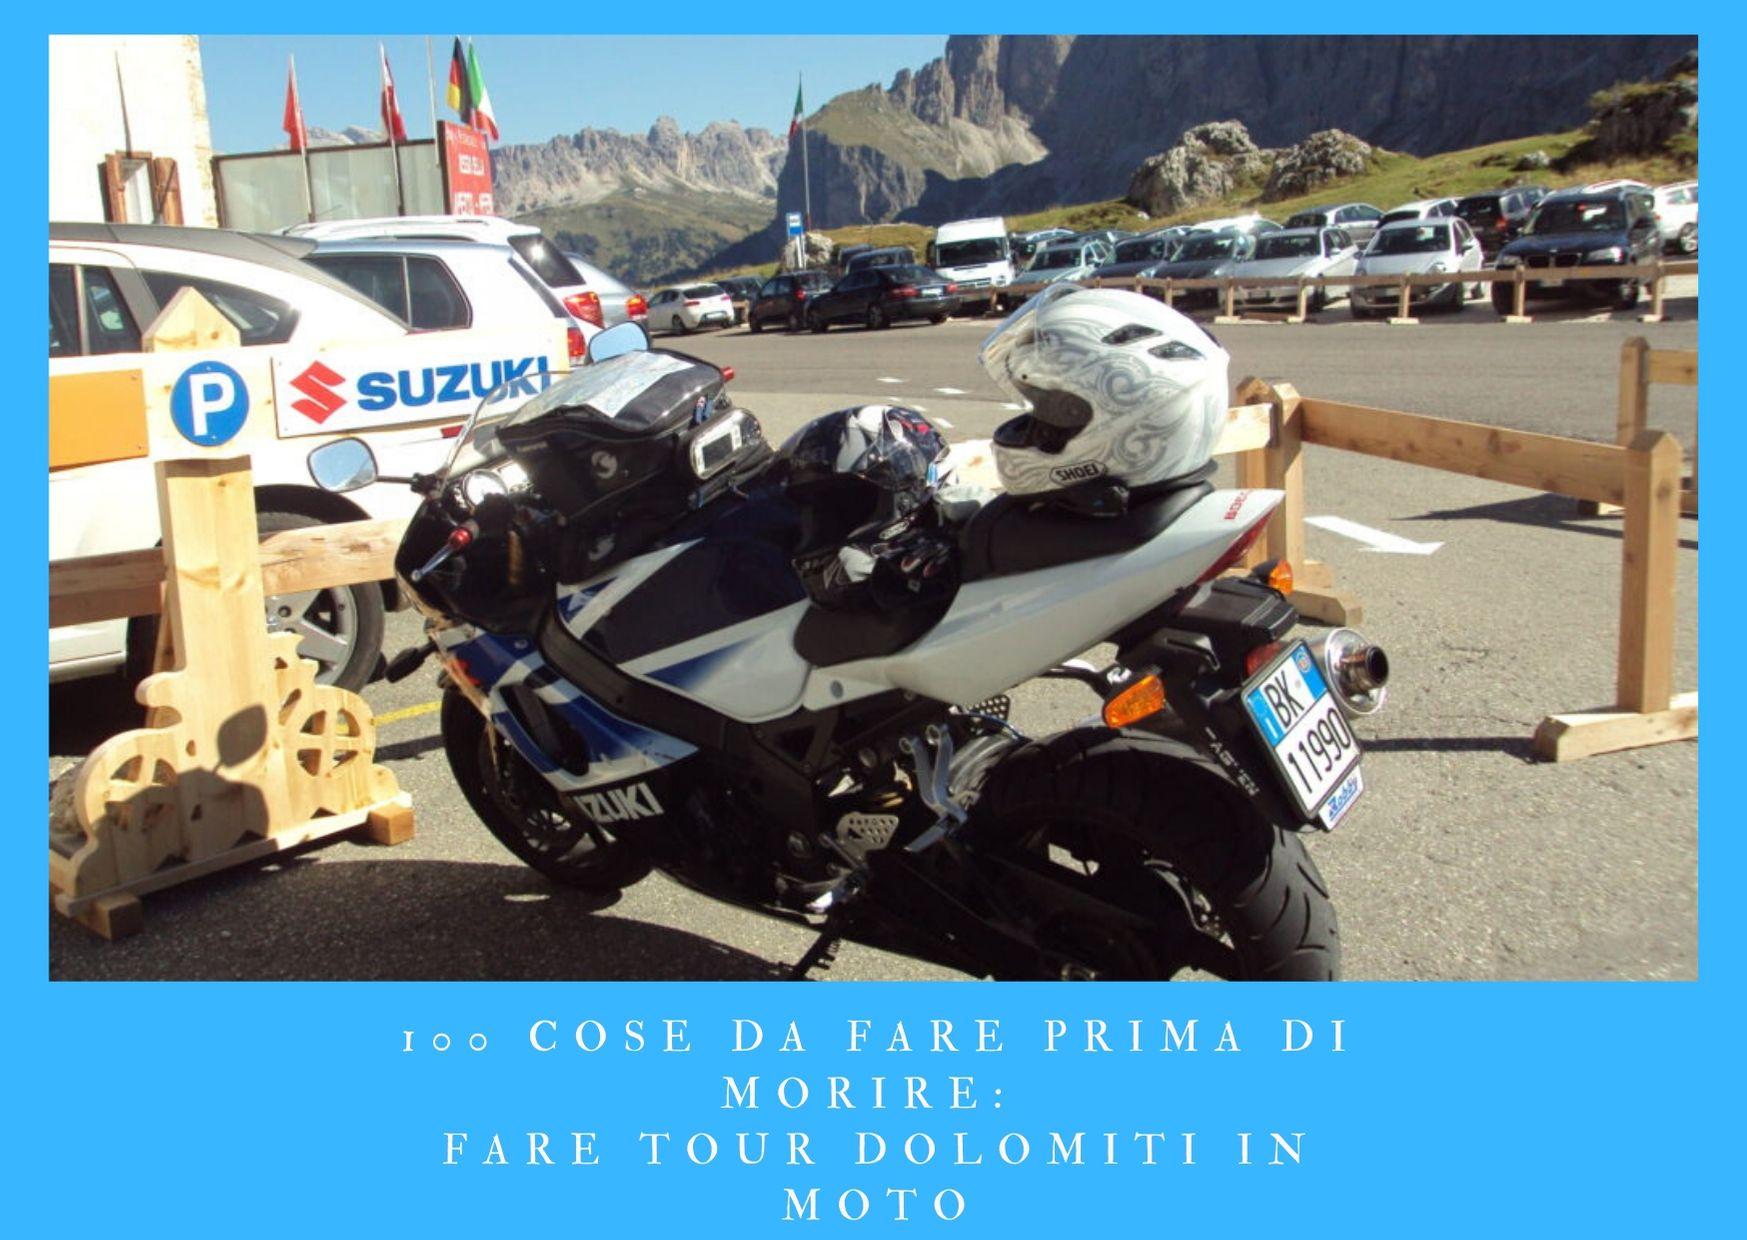 100-cose-da-fare-prima-di-morire- fare un tour in moto delle Dolomiti